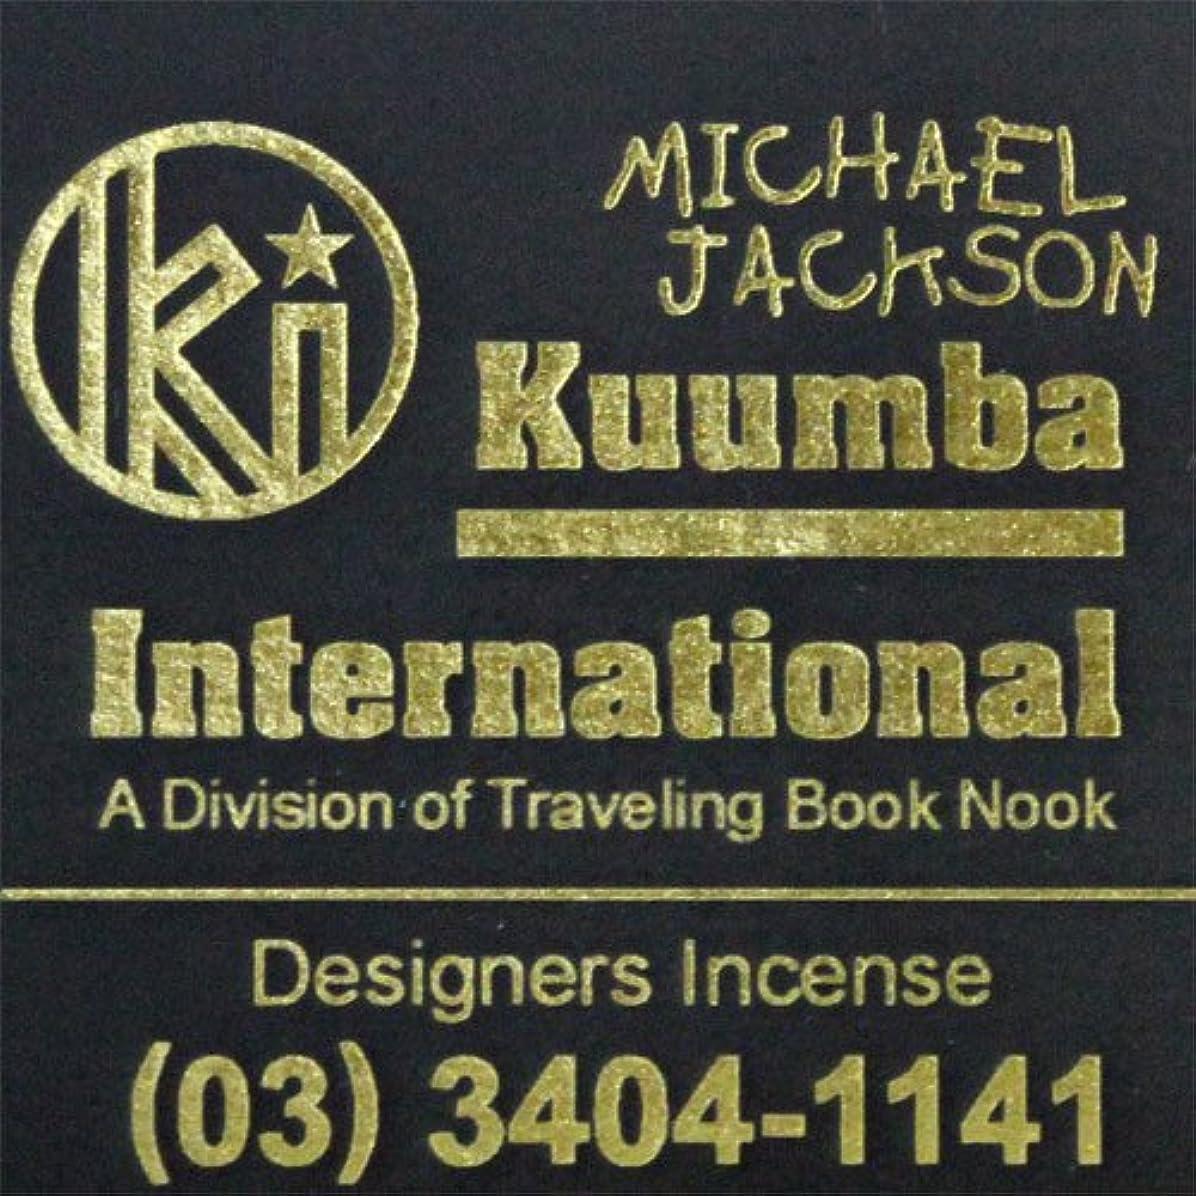 愛するそこから繊維(クンバ) KUUMBA『incense』(MICHAEL JACKSON) (Regular size)